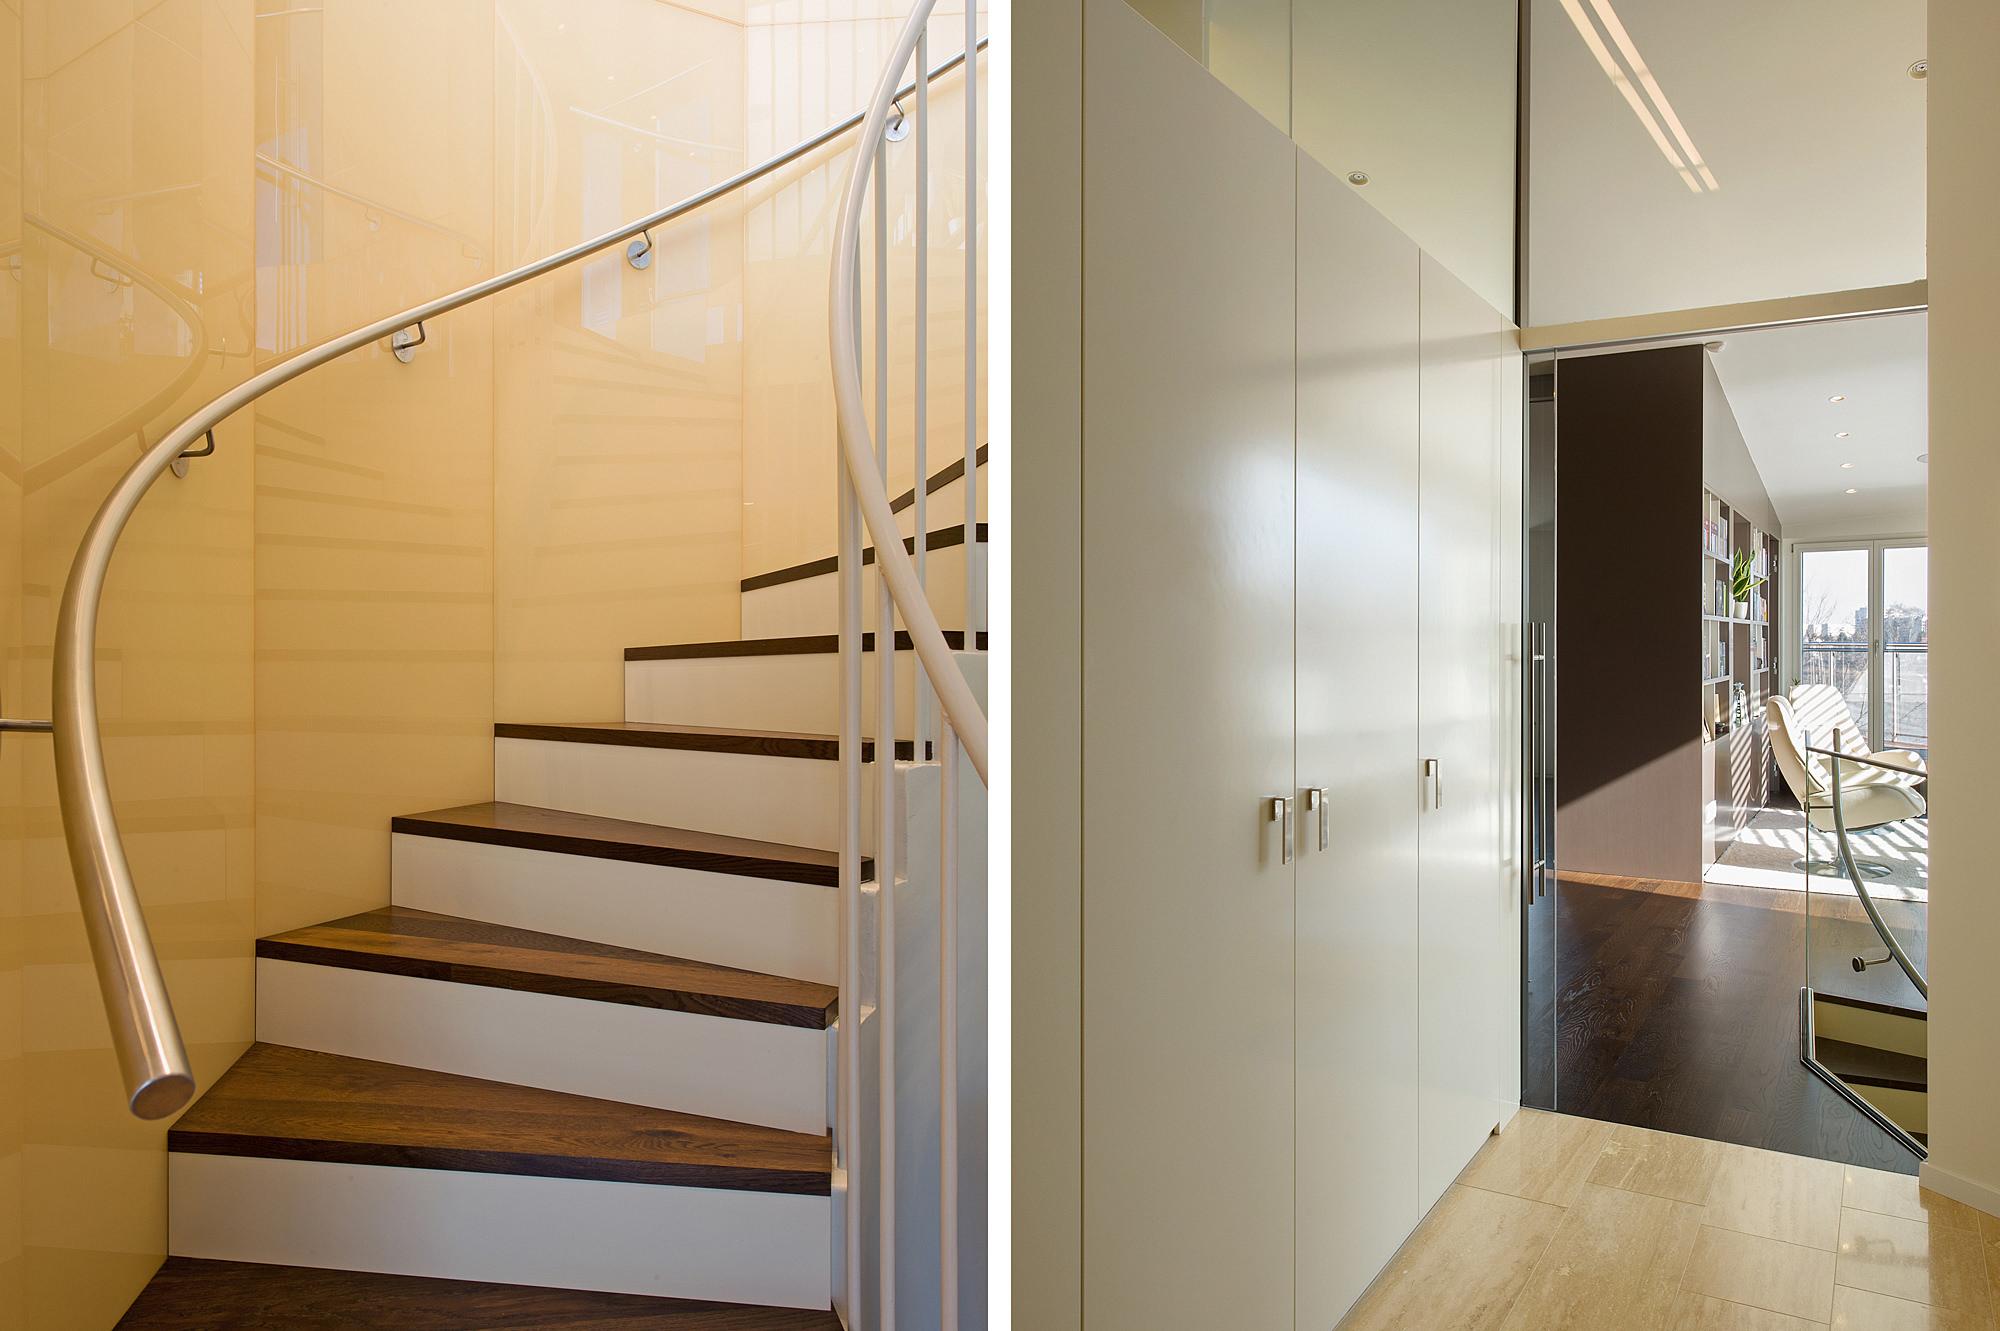 penthouse_Z_03_wohnungsumbau_an_der_alten_donau_1220_wien_junger_beer_architektur